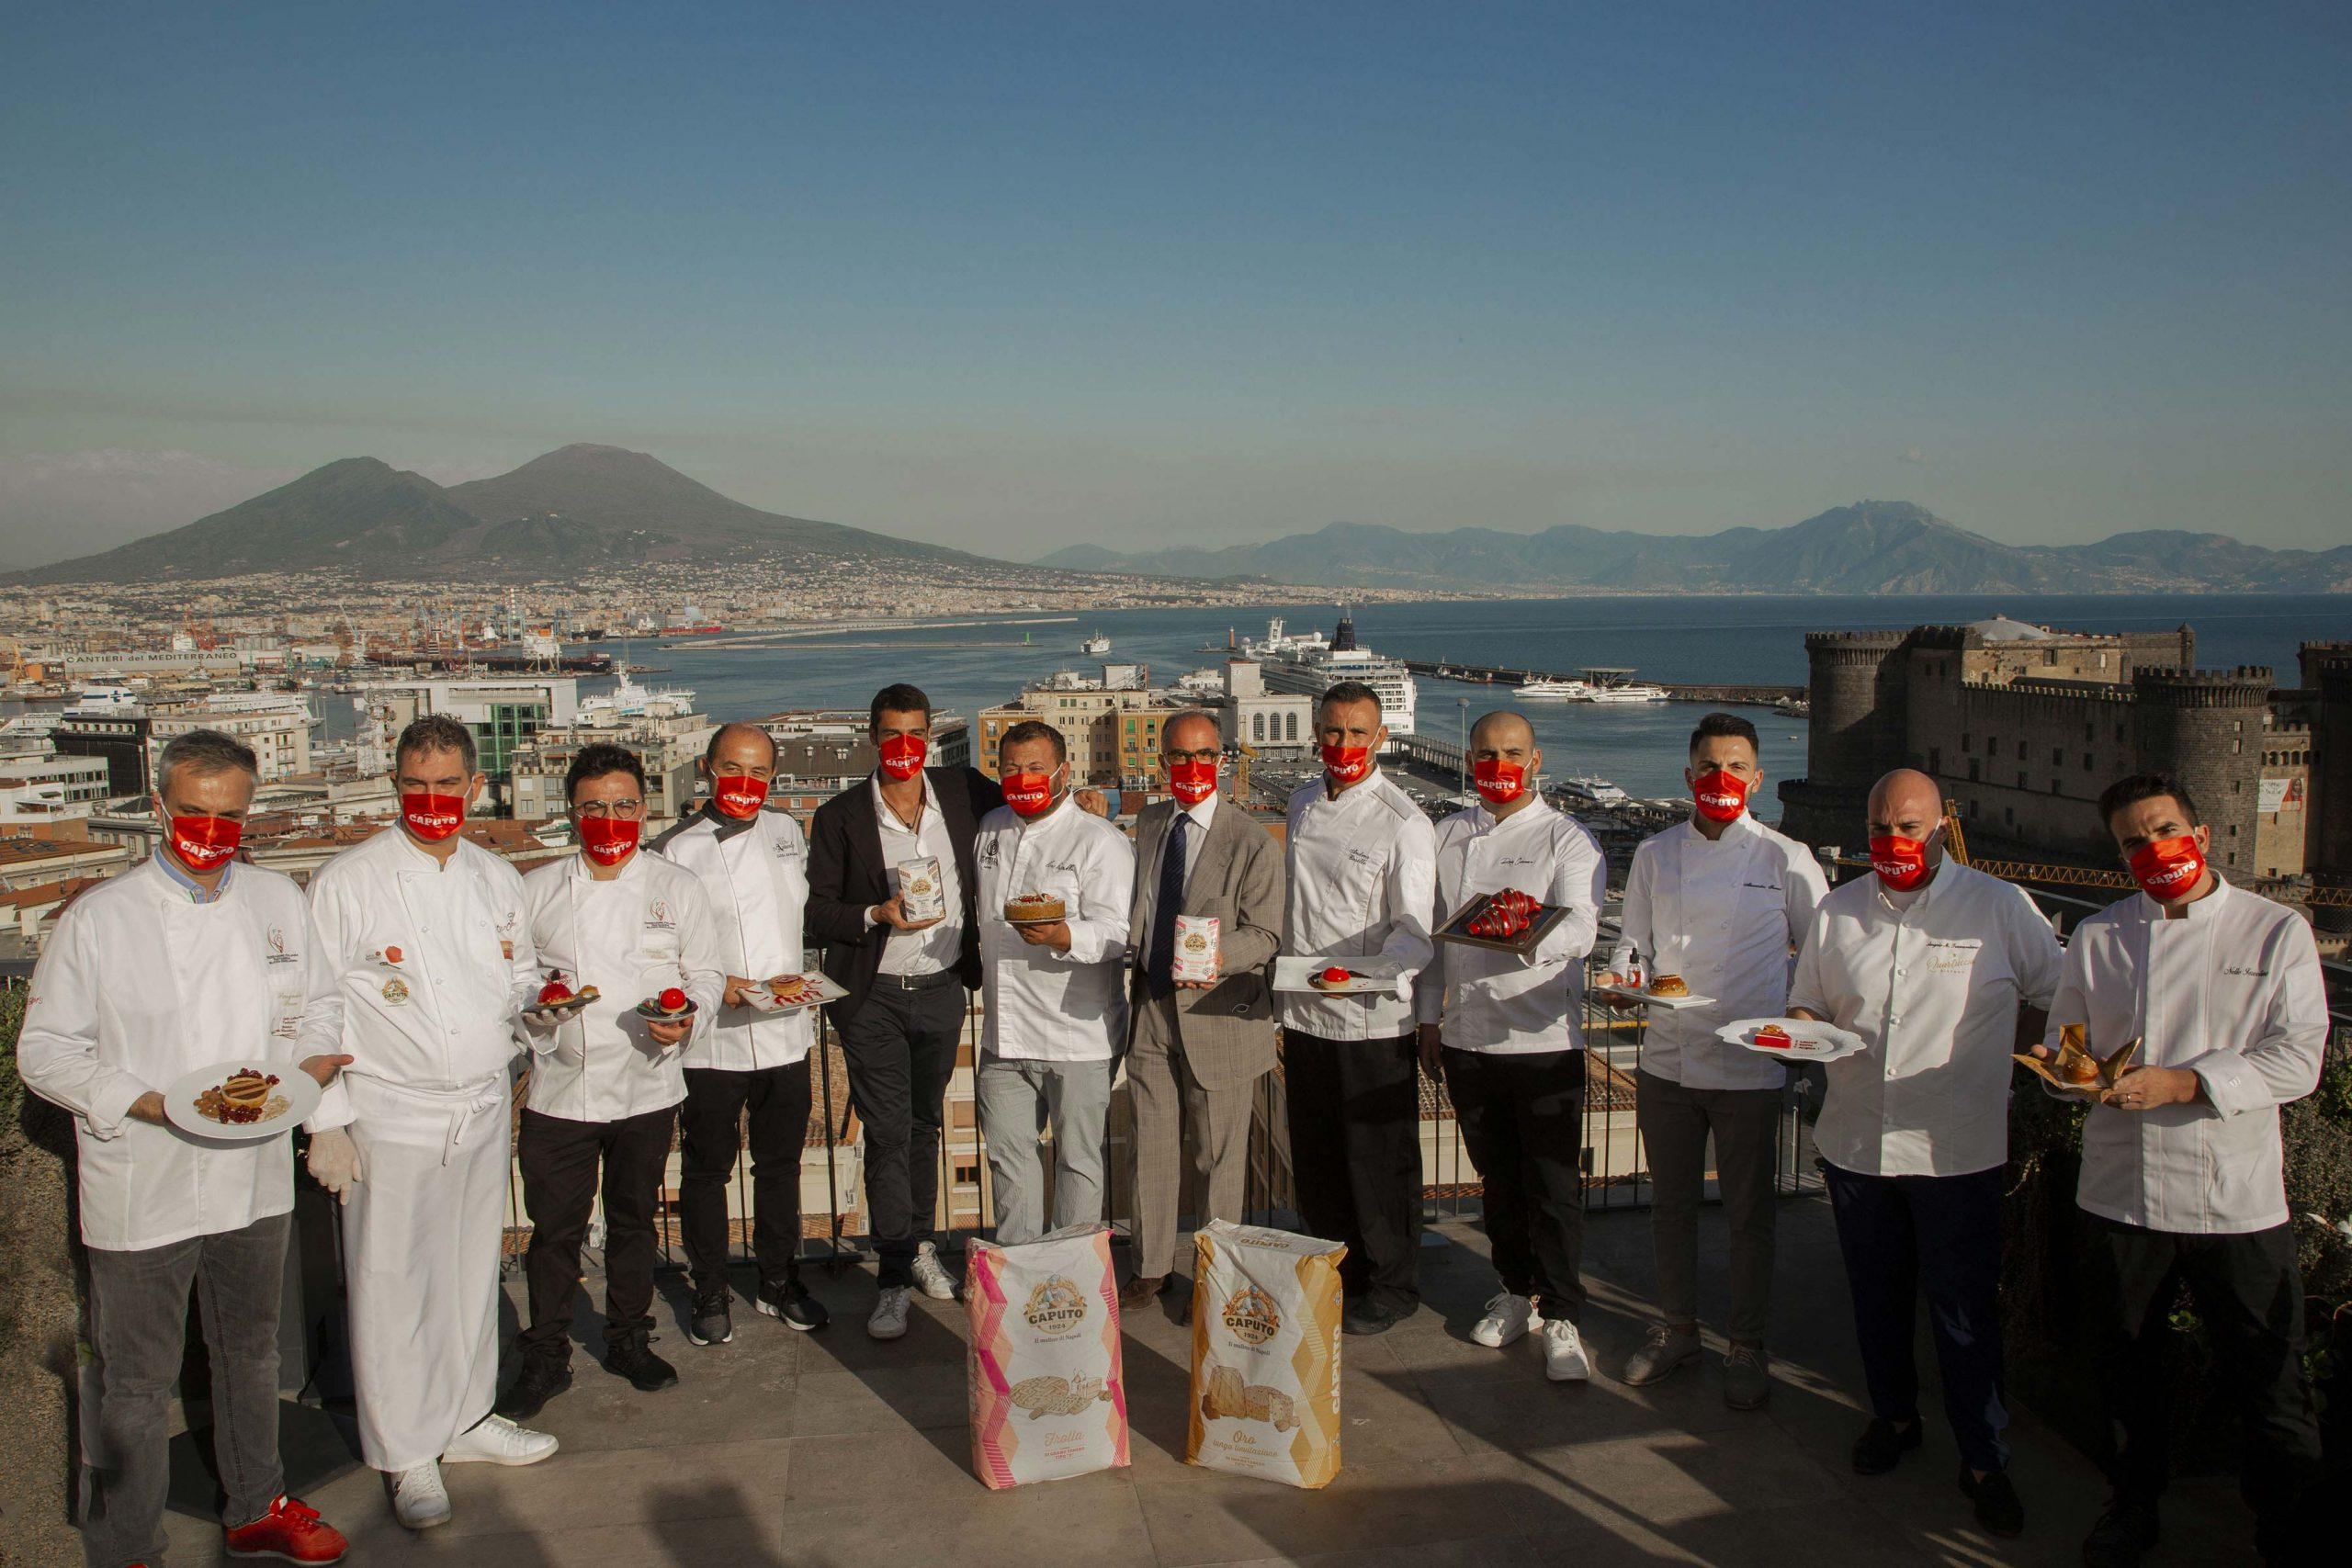 Tutti-i-concorrenti-del-contest-San-Gennà-2020-con-Antimo-e-Mauro-Caputo-presso-la-terrazza-del-Renaissance-Mediterraneo